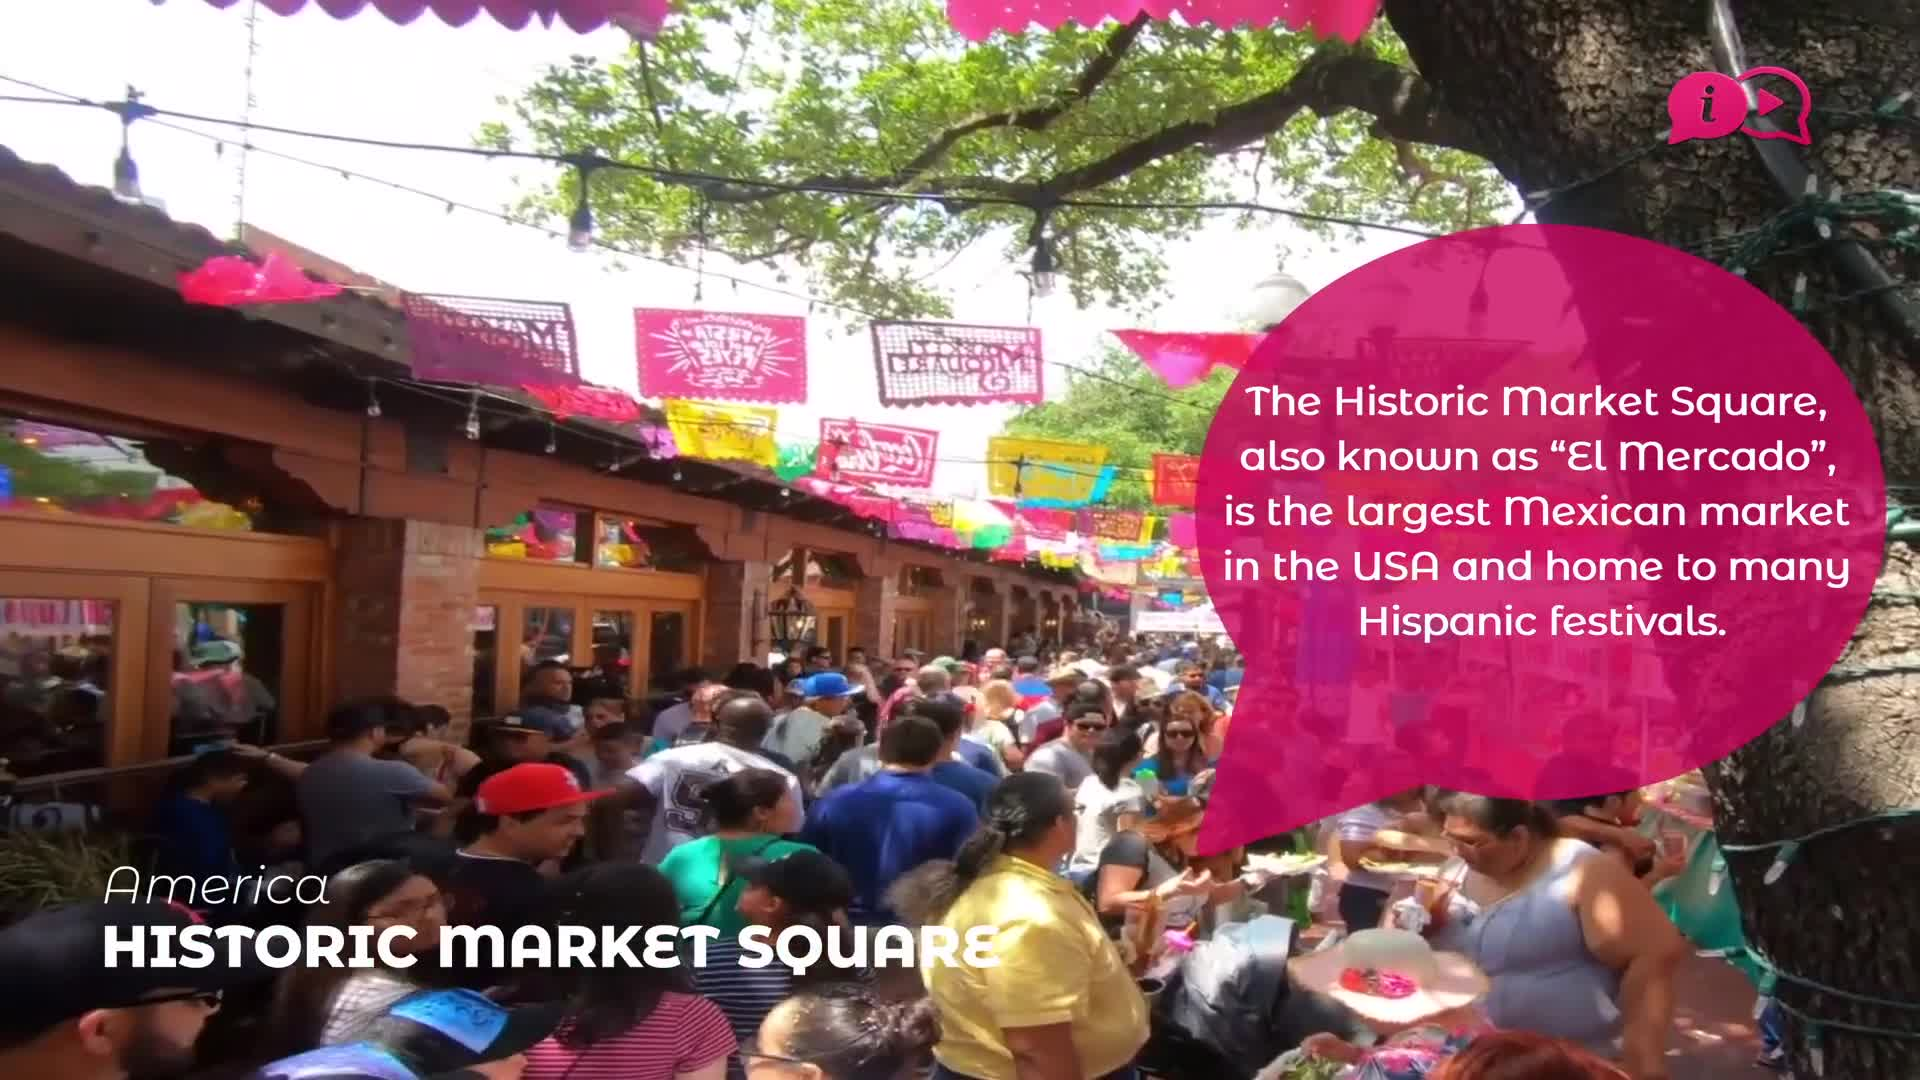 THE HISTORIC MARKET SQUARE